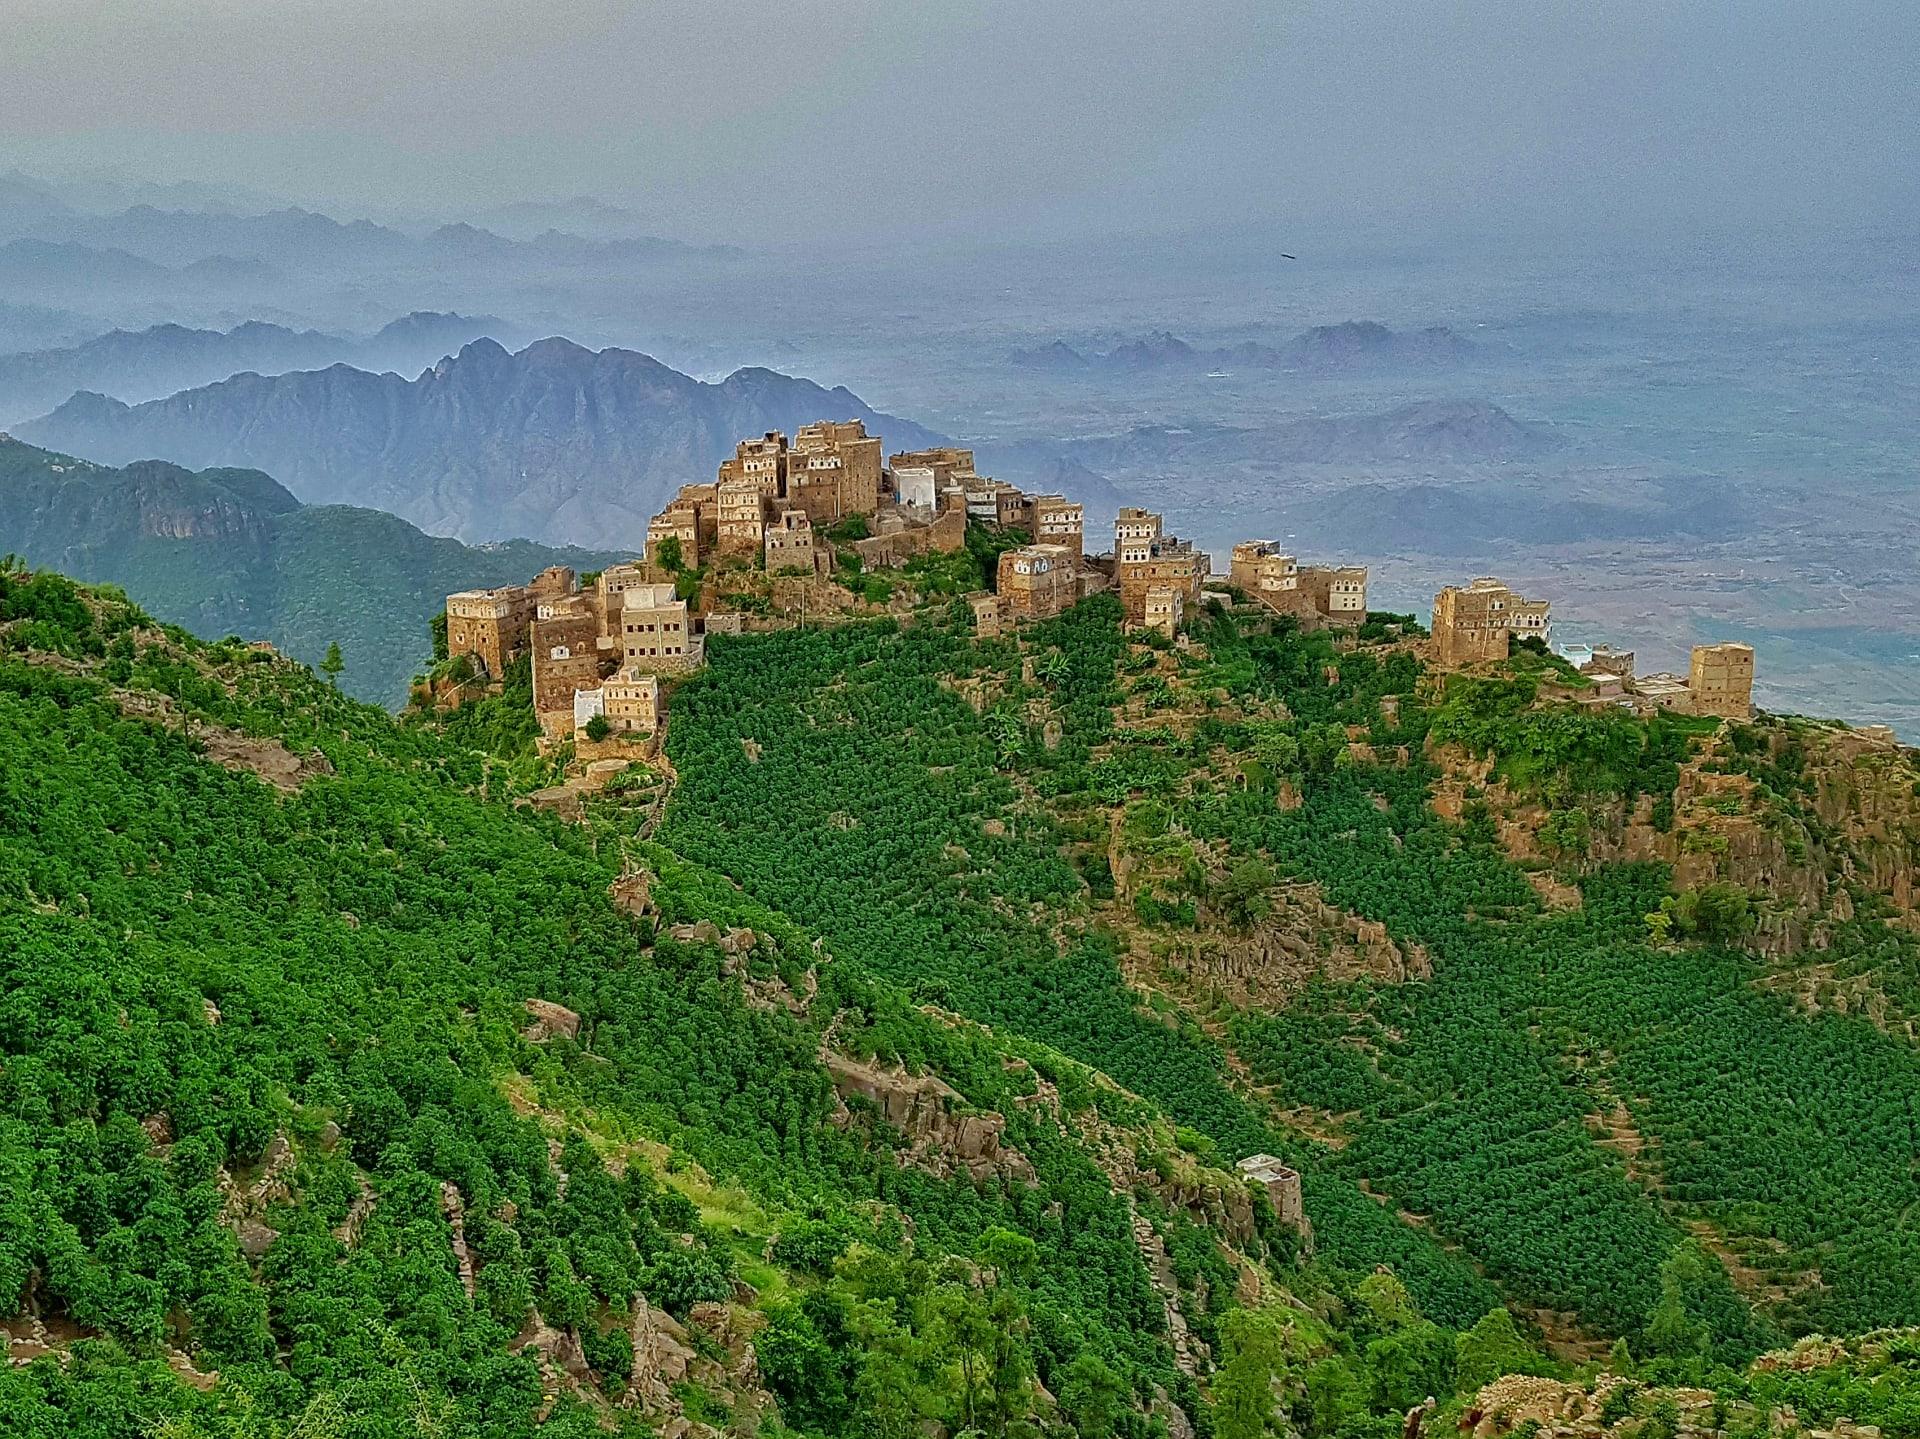 في اليمن.. استكشف آخر بقايا الغابات شبه الاستوائية الواسعة في شبه الجزيرة العربية بهذا الجبل الزاهي